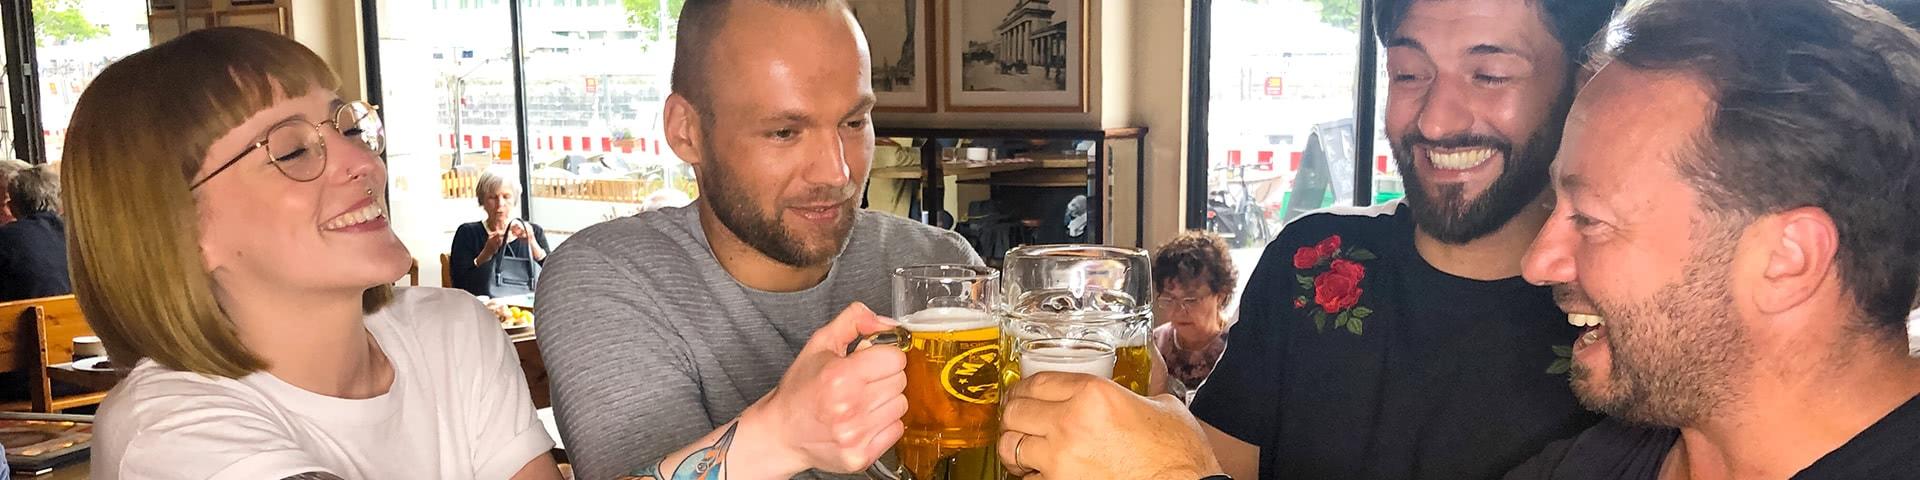 Gruppe stößt mit Bier an in der Gaststätte